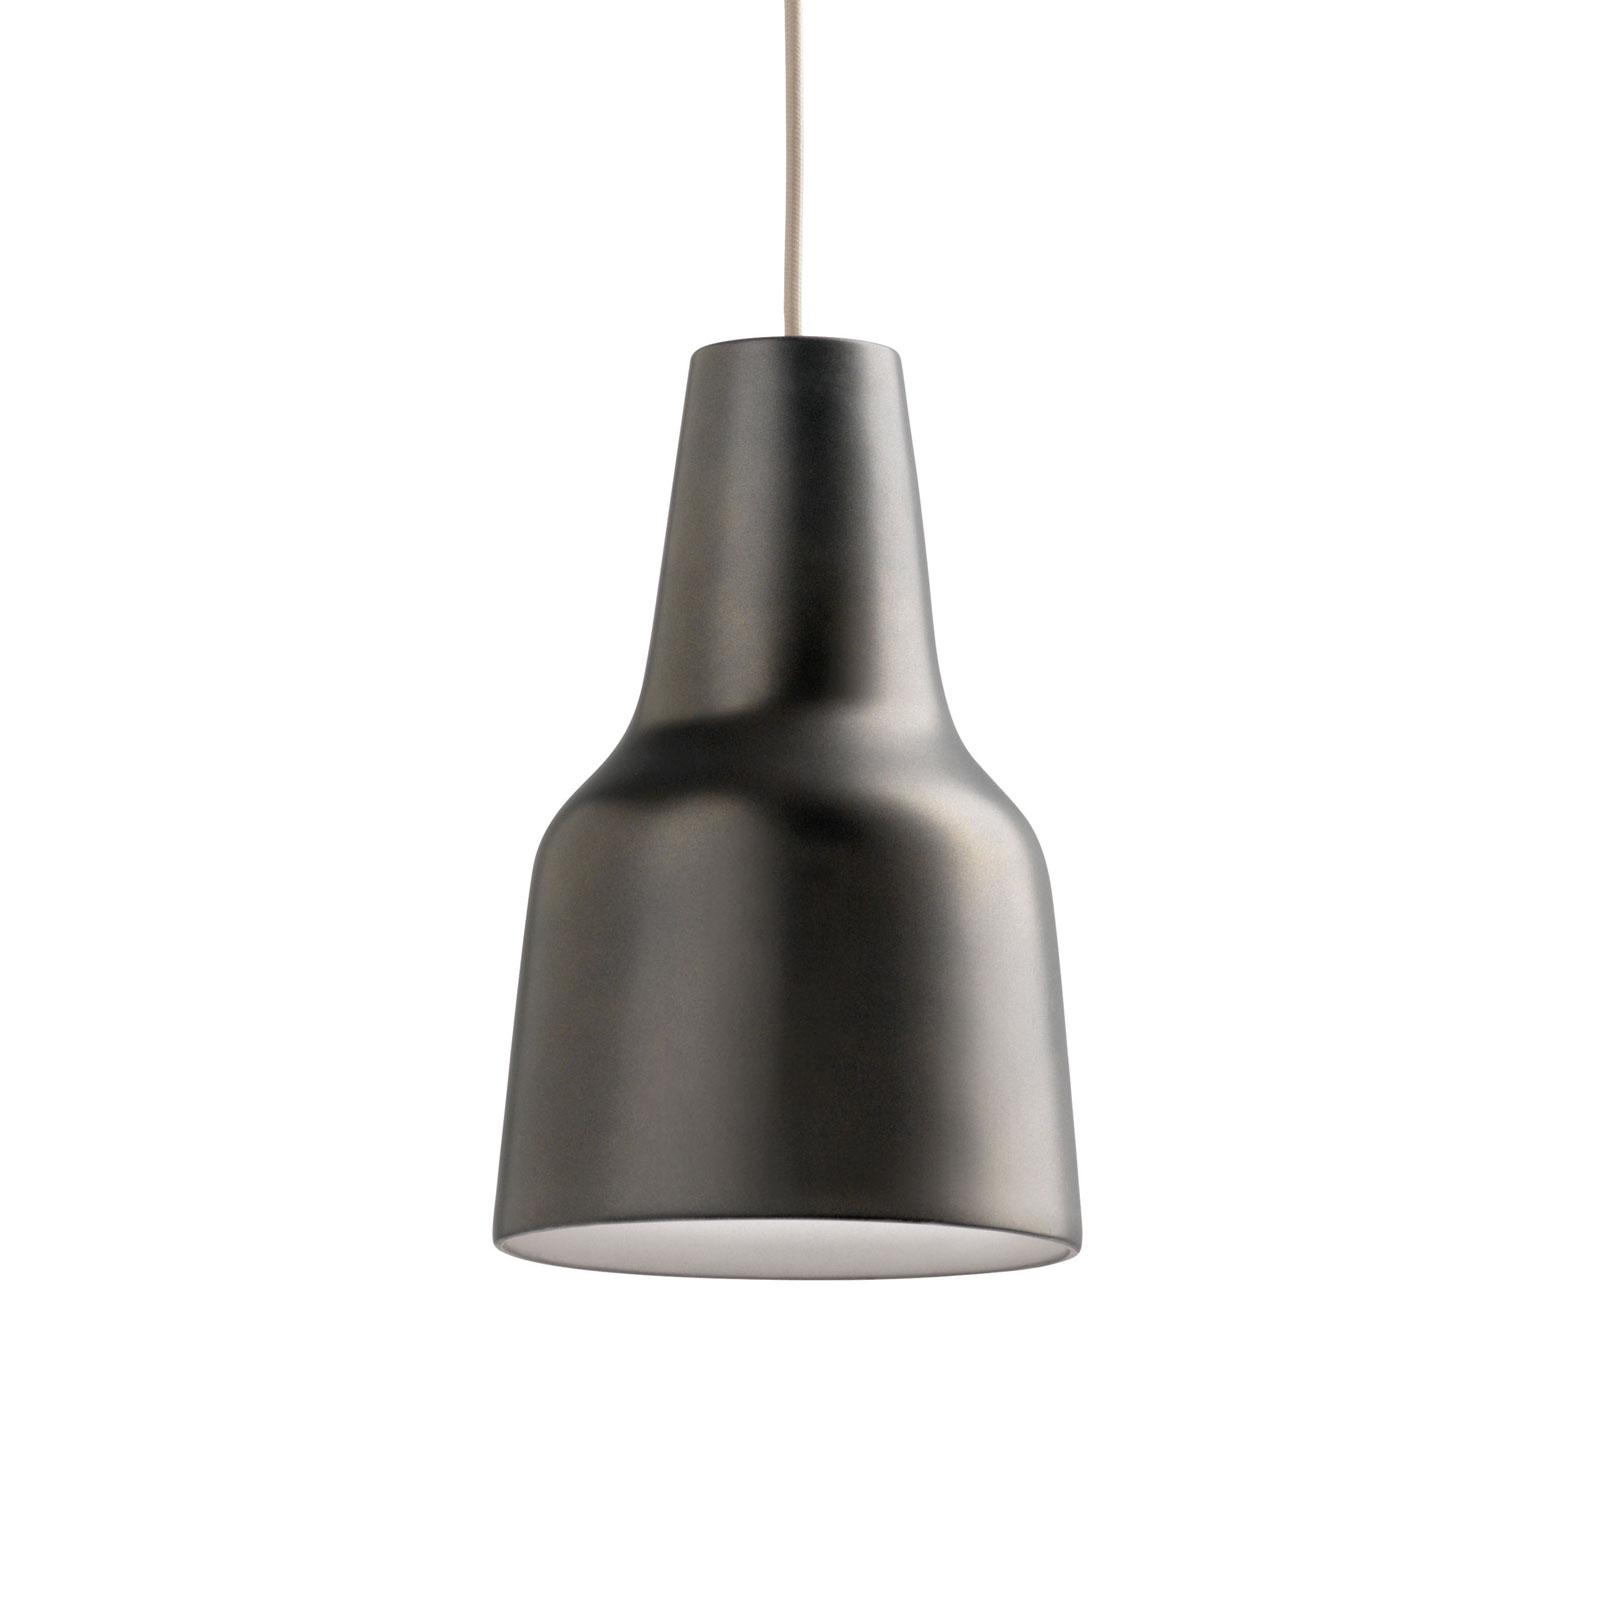 Modo Luce Eva hanglamp Ø 27 cm donkerbruin